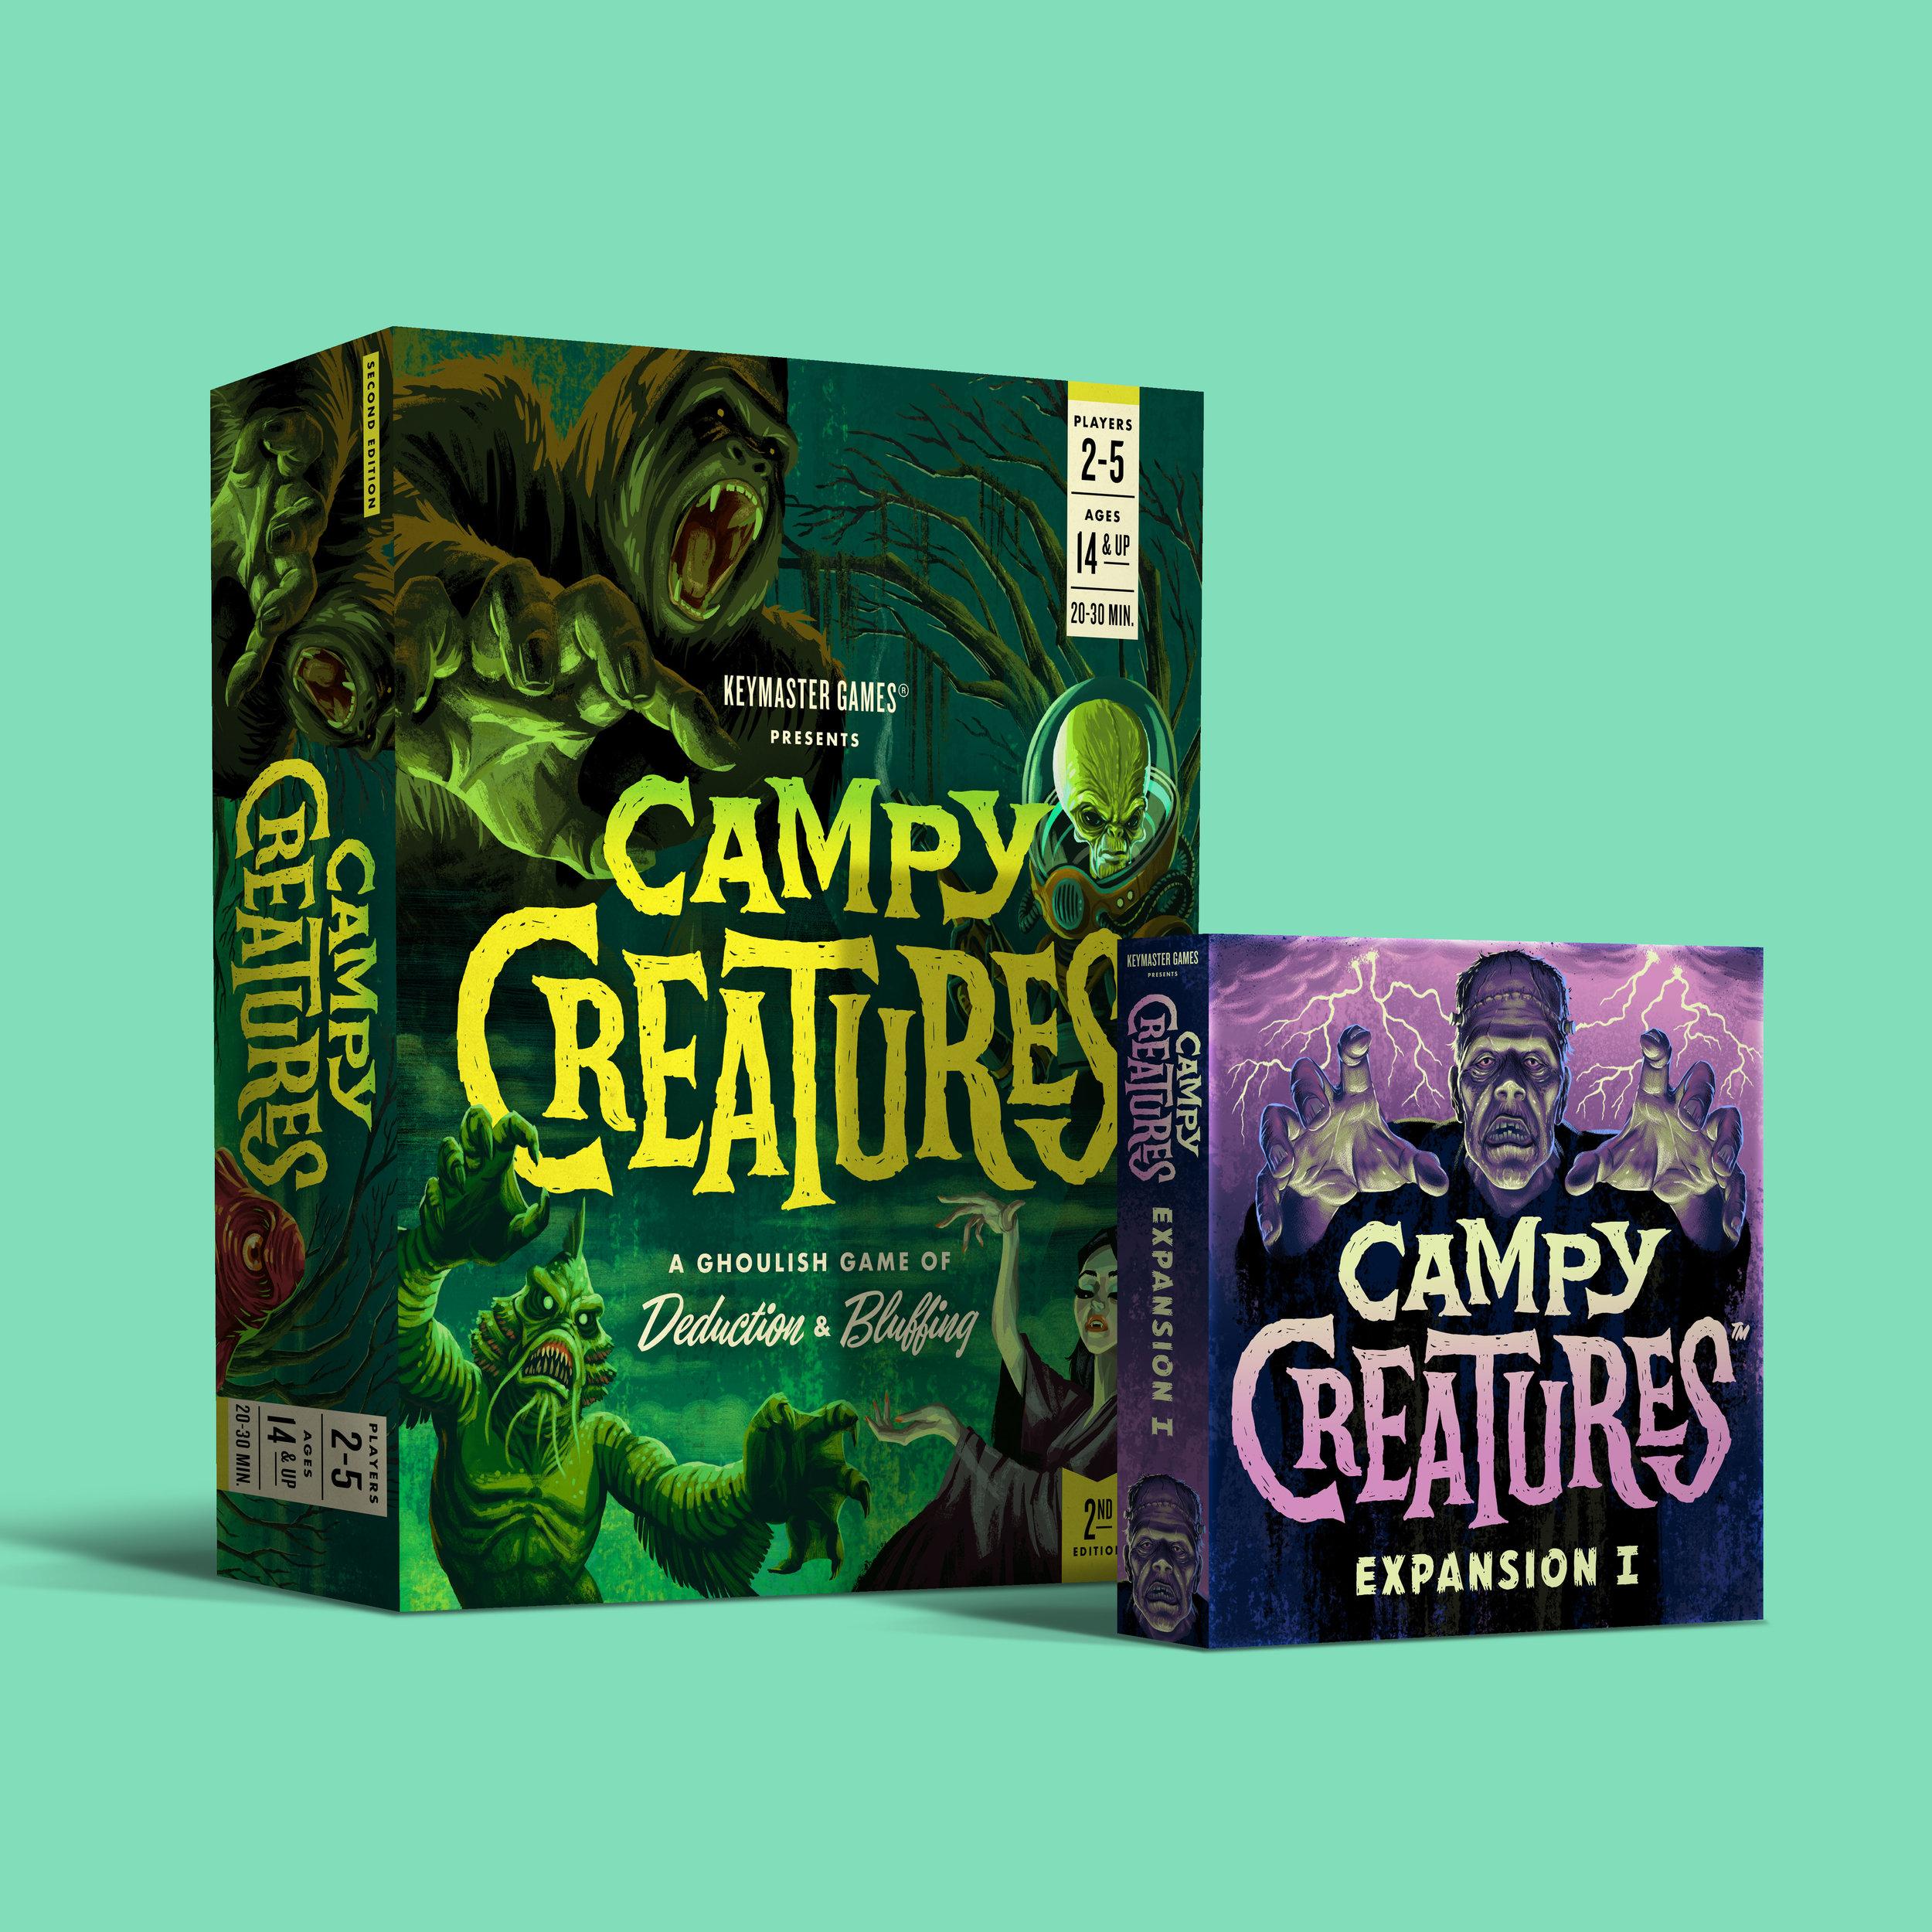 CampyCreatures_Boxes.jpg